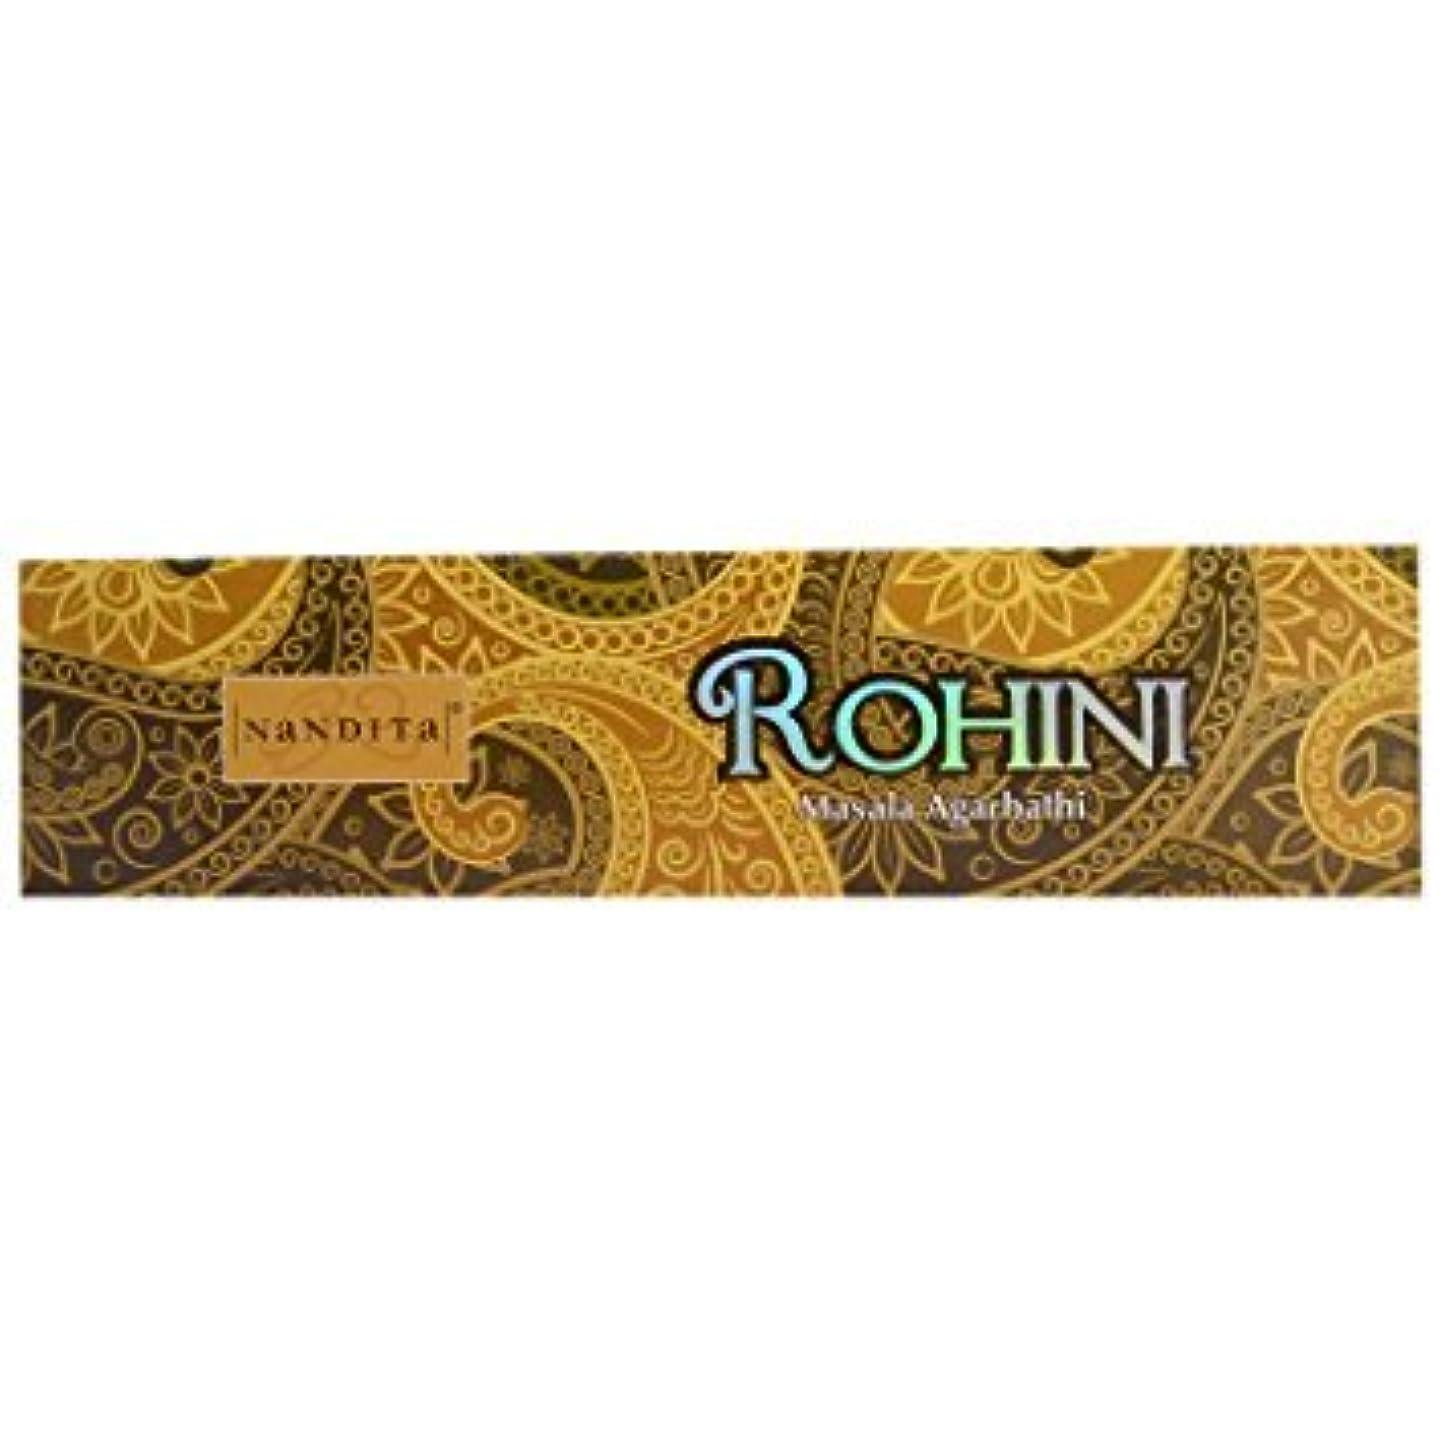 ずんぐりした肘掛け椅子思い出Nandita Rohini Incense Sticks Masala Agarbathi 50 gボックス ブラウン